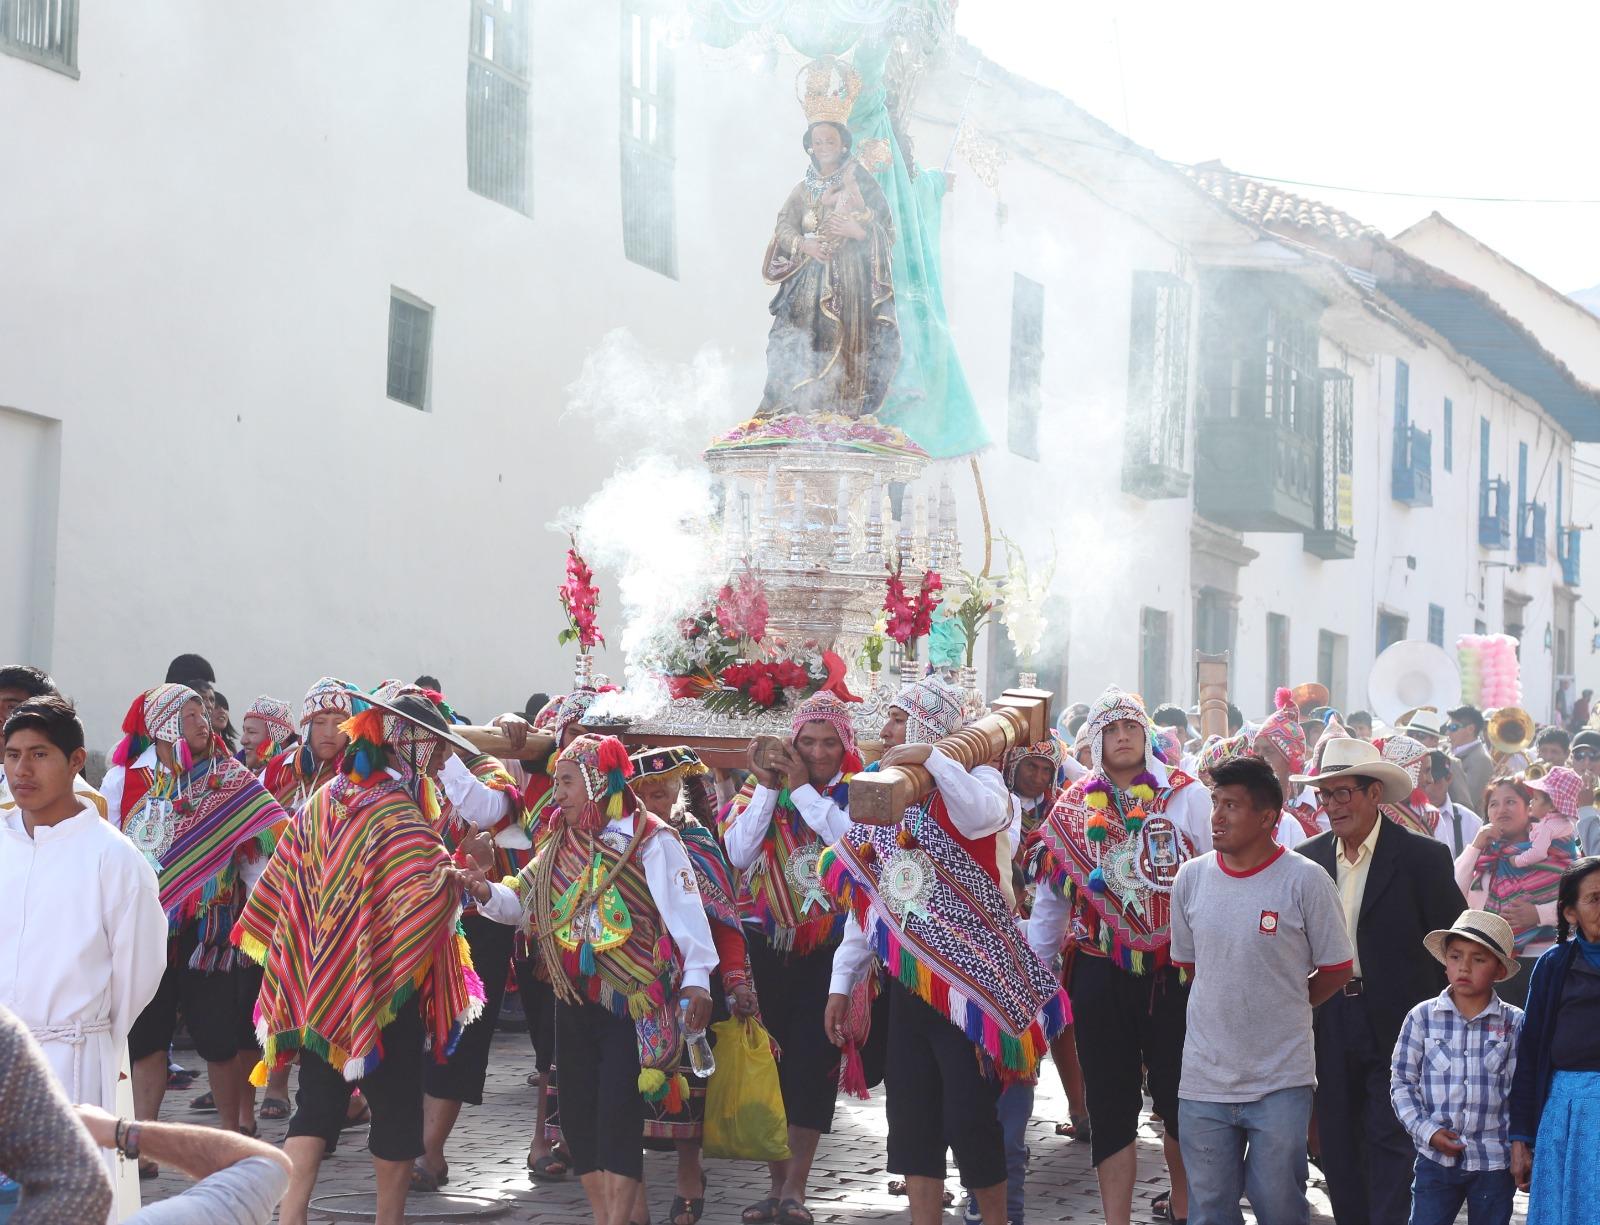 festival-in-peru